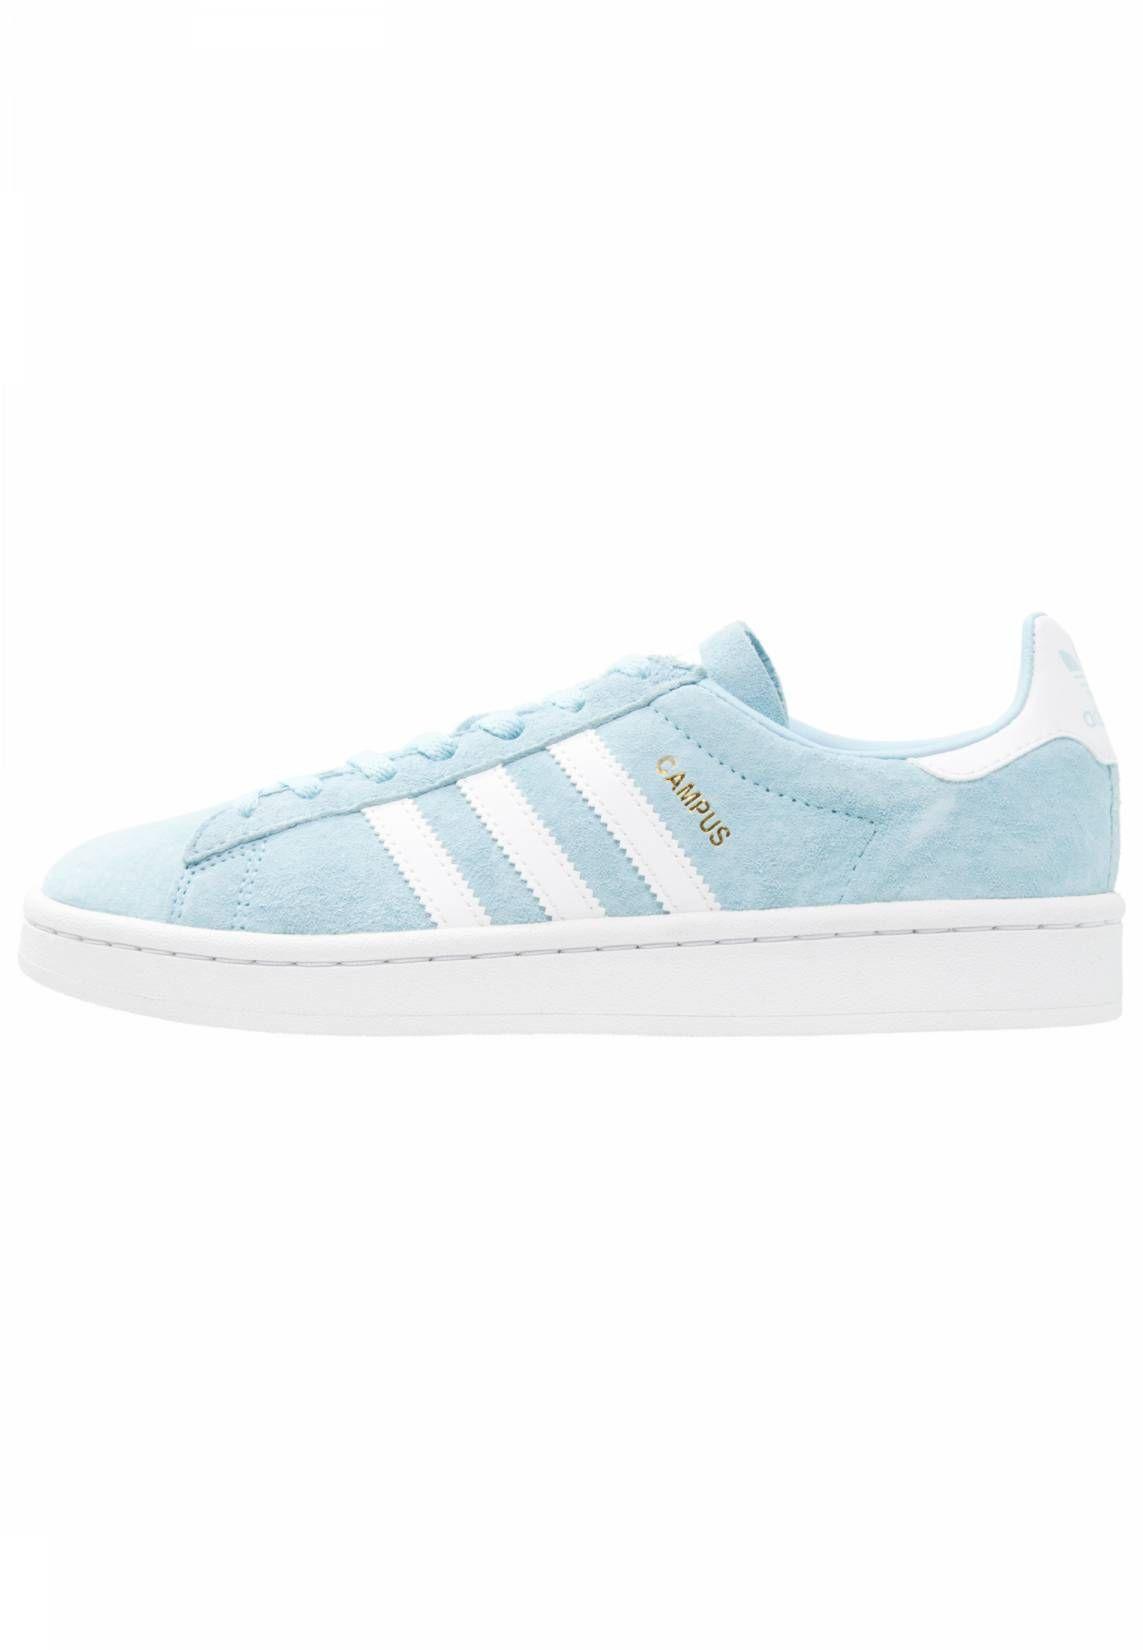 adidas Originals. CAMPUS Sneakers basse icebluewhite